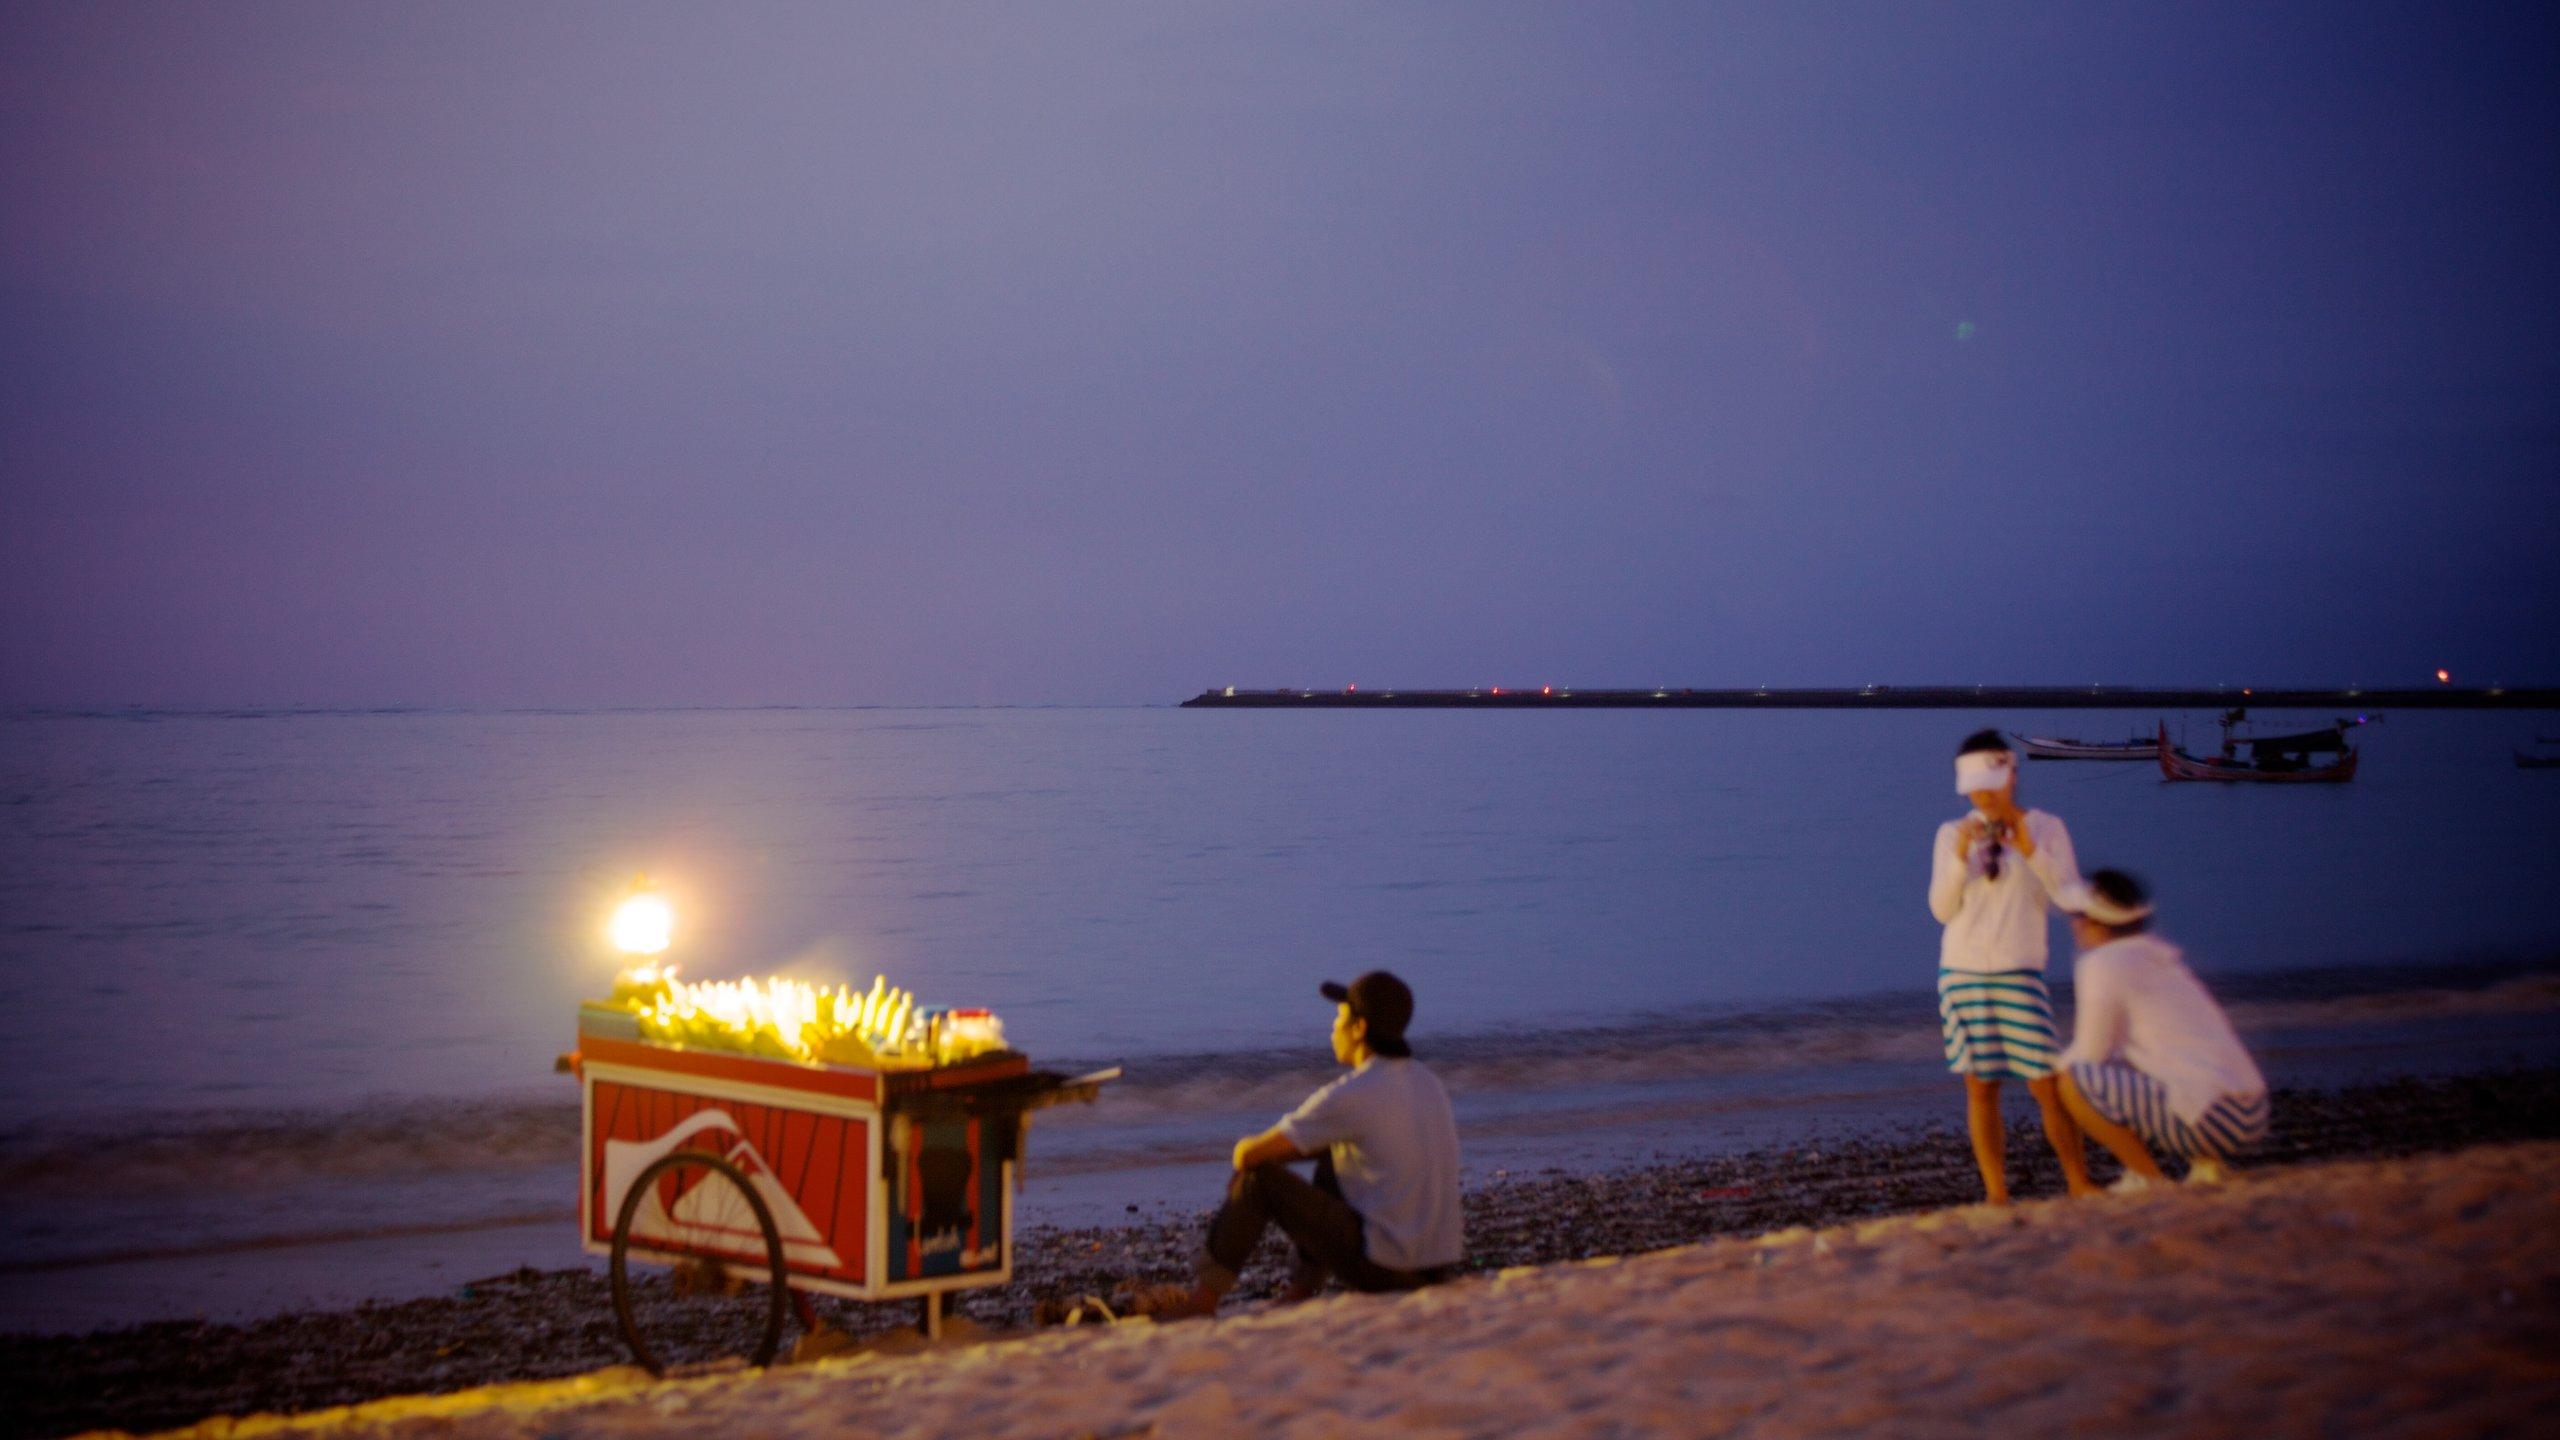 Jimbaran Beach, Jimbaran, Bali, Indonesia